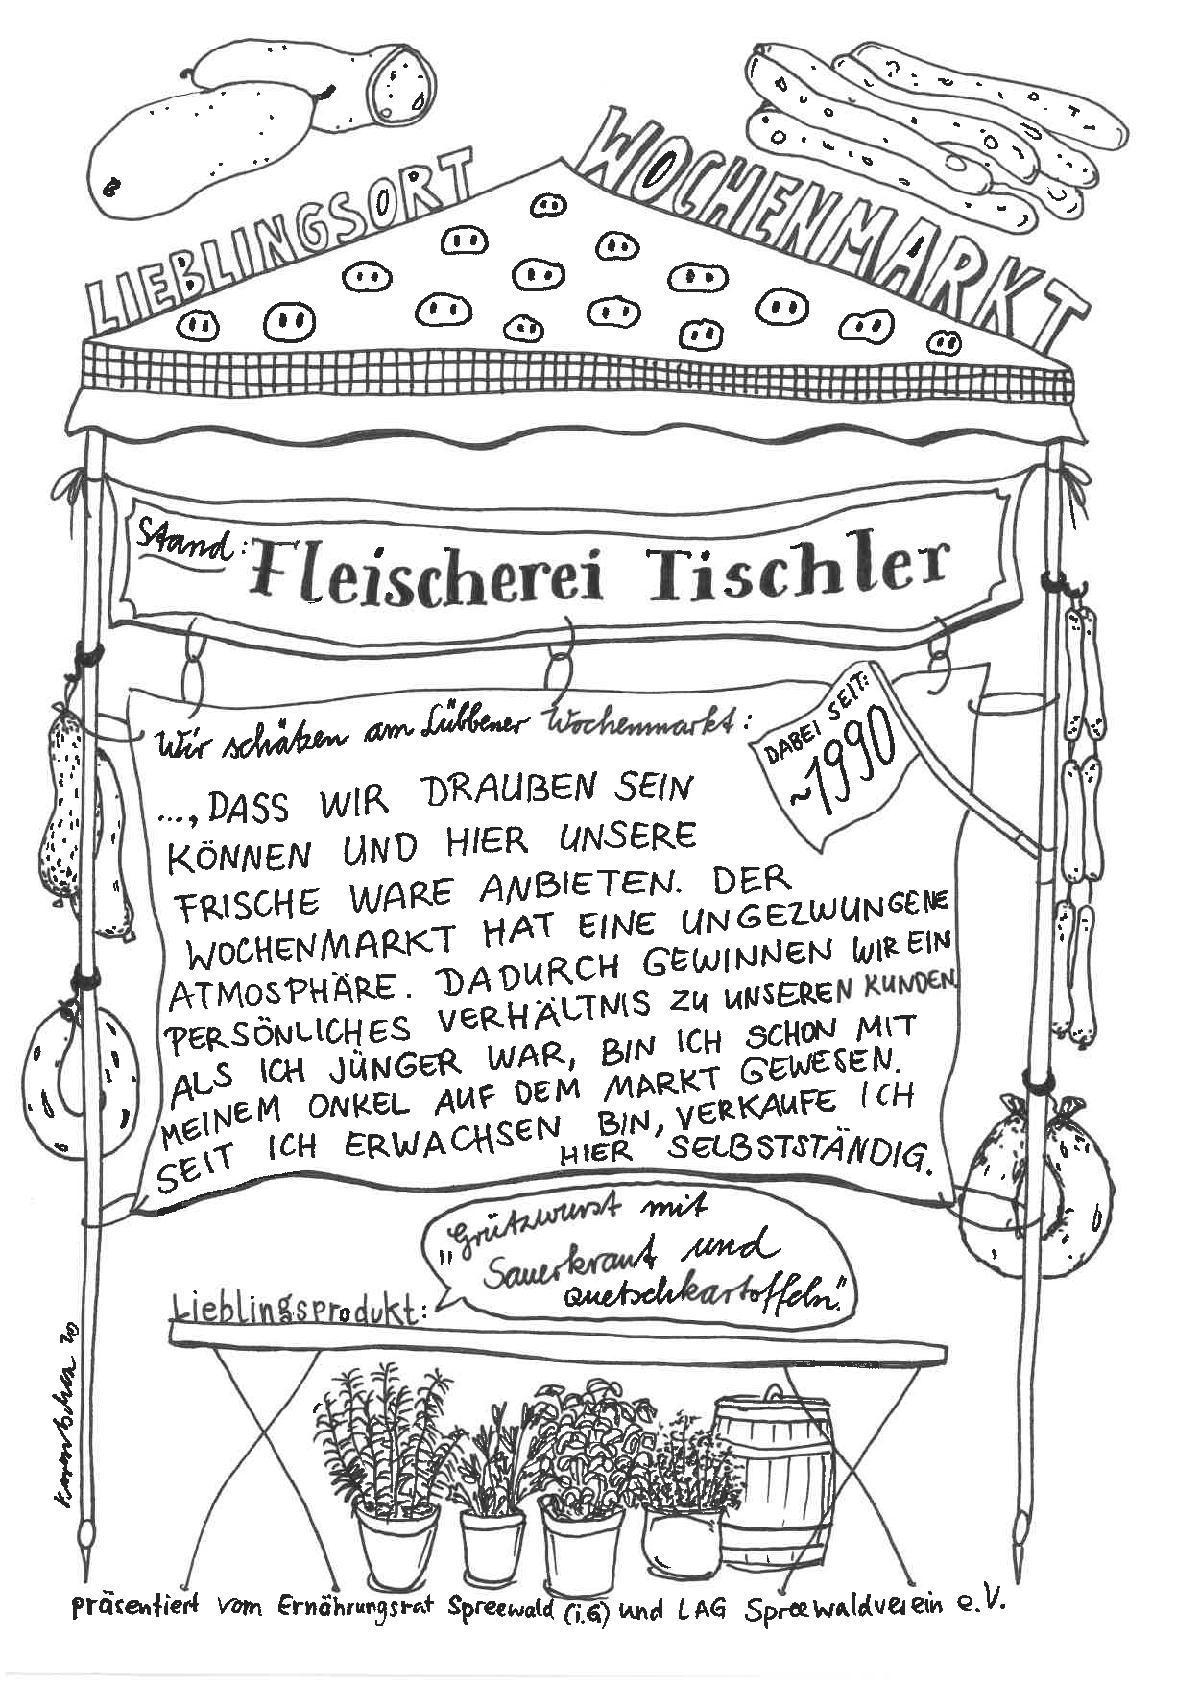 Fleischerei Tischler